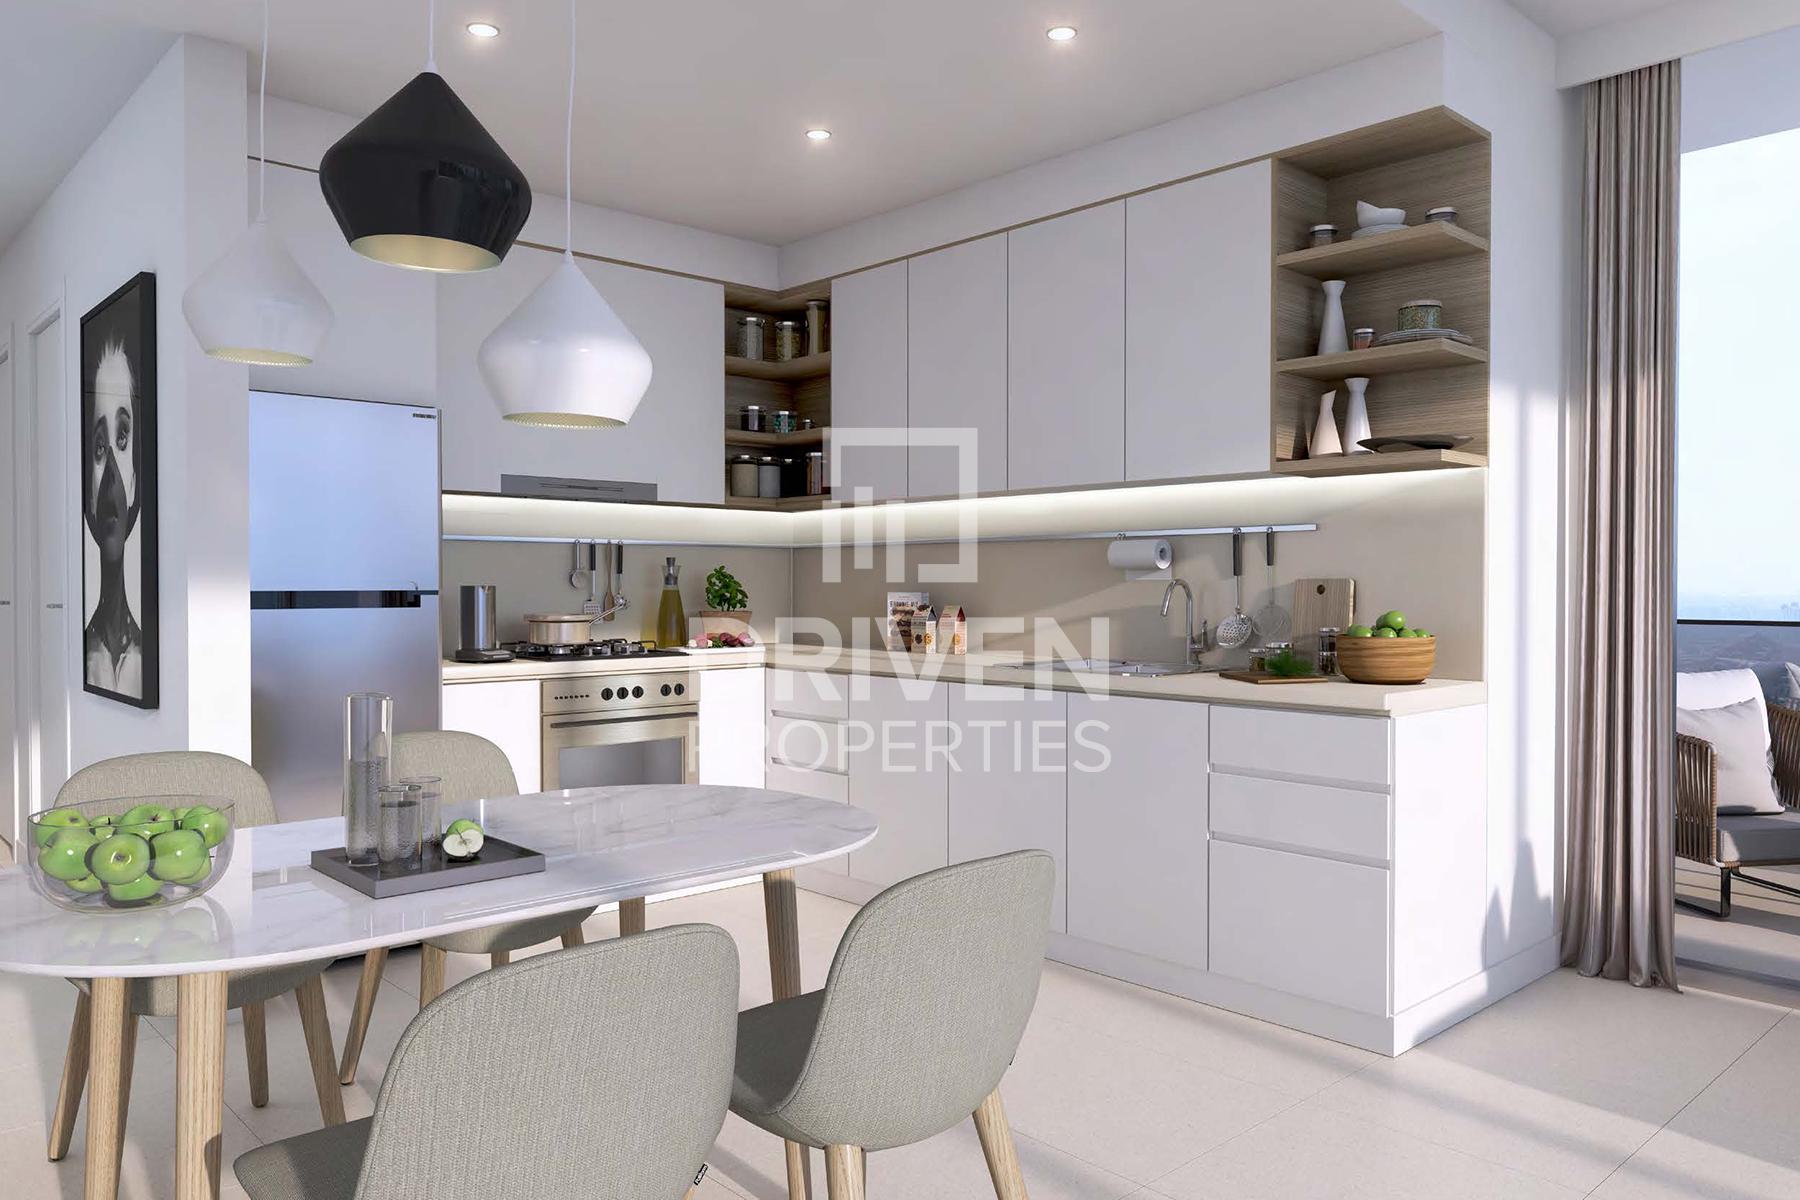 1,134 قدم مربع  شقة - للبيع - دبي وسط المدينة